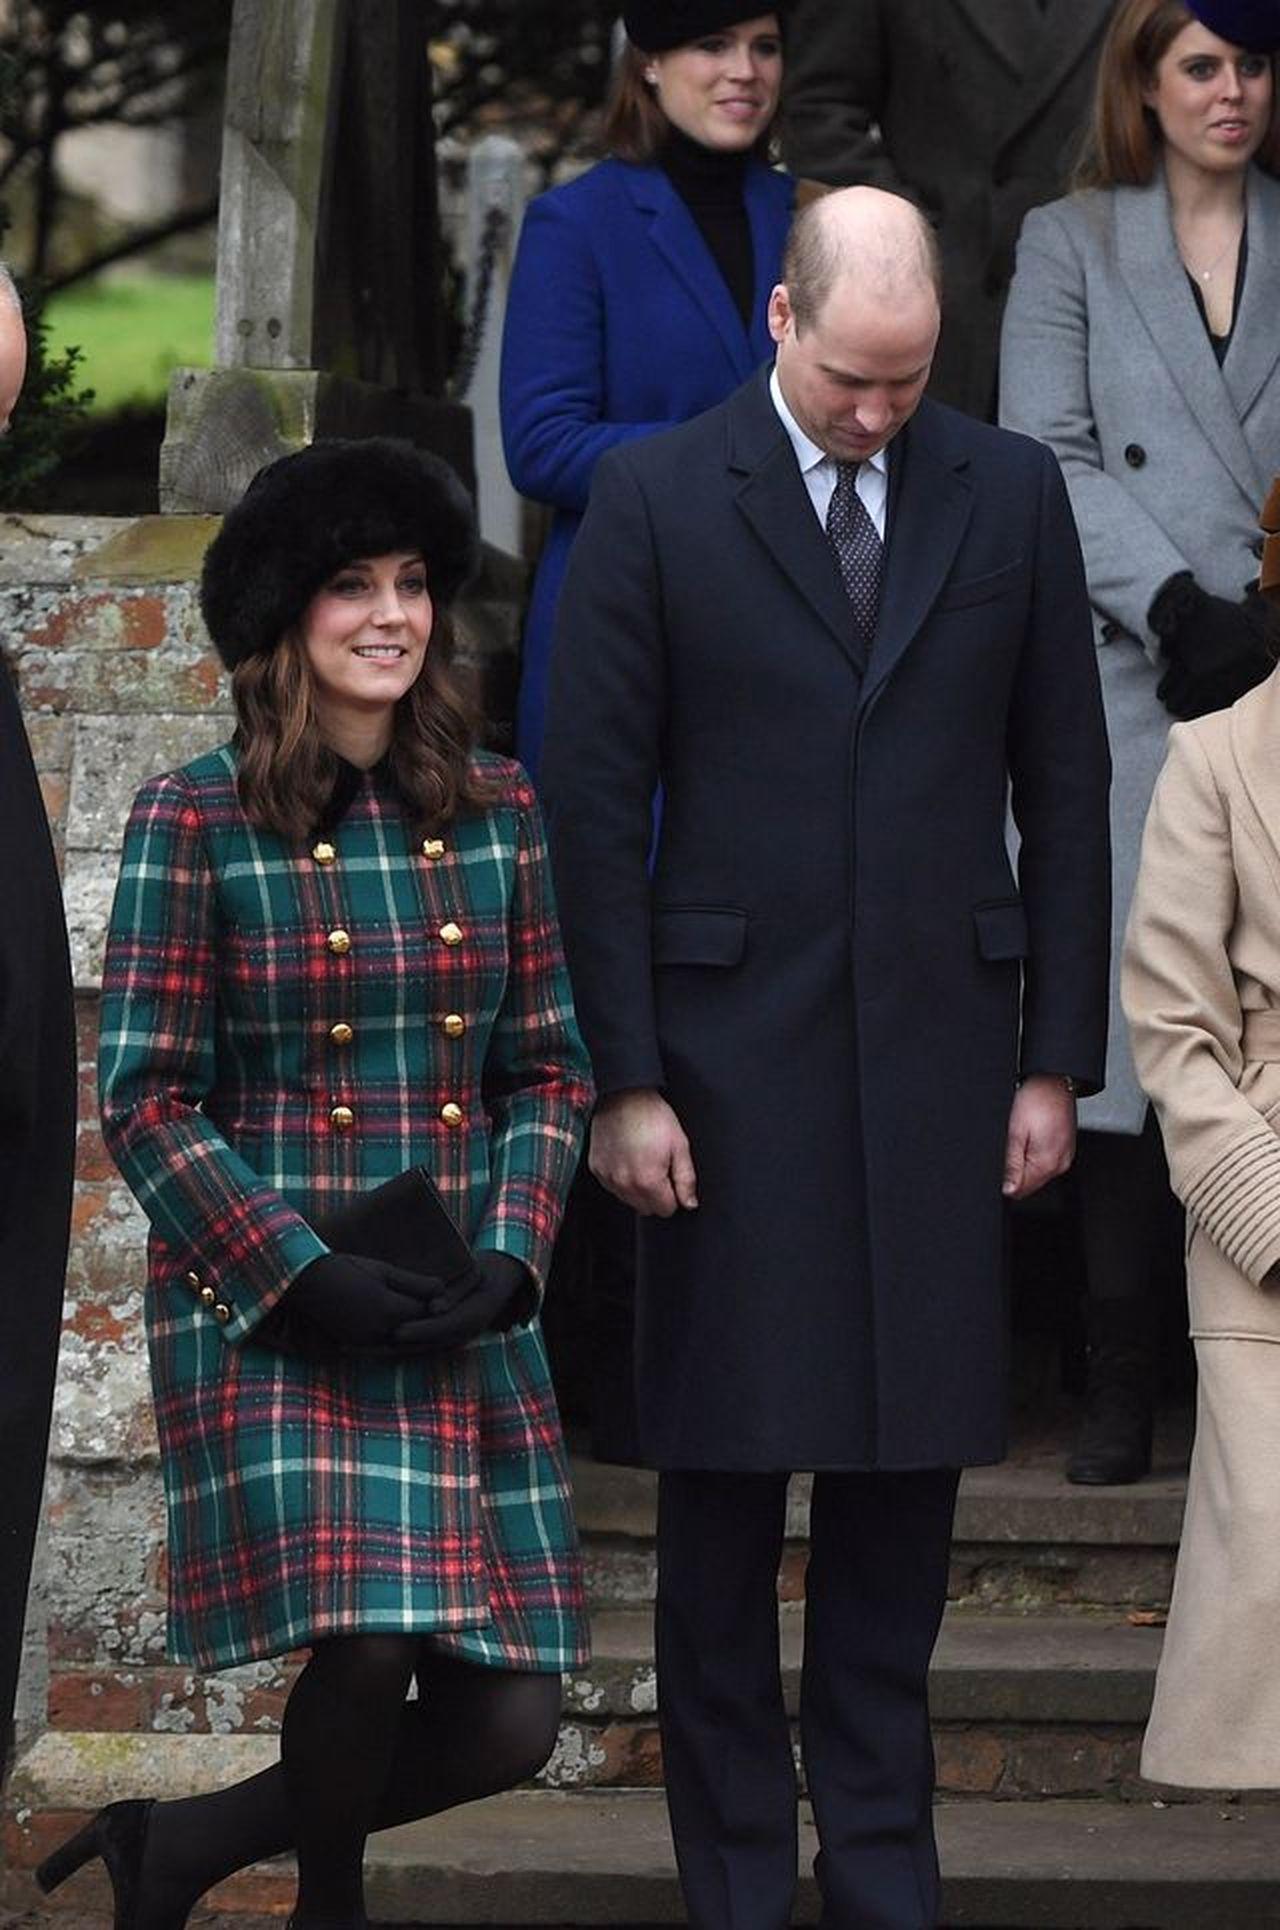 Dlaczego książę Harry nosi OBRĄCZKĘ, a książę William nie?